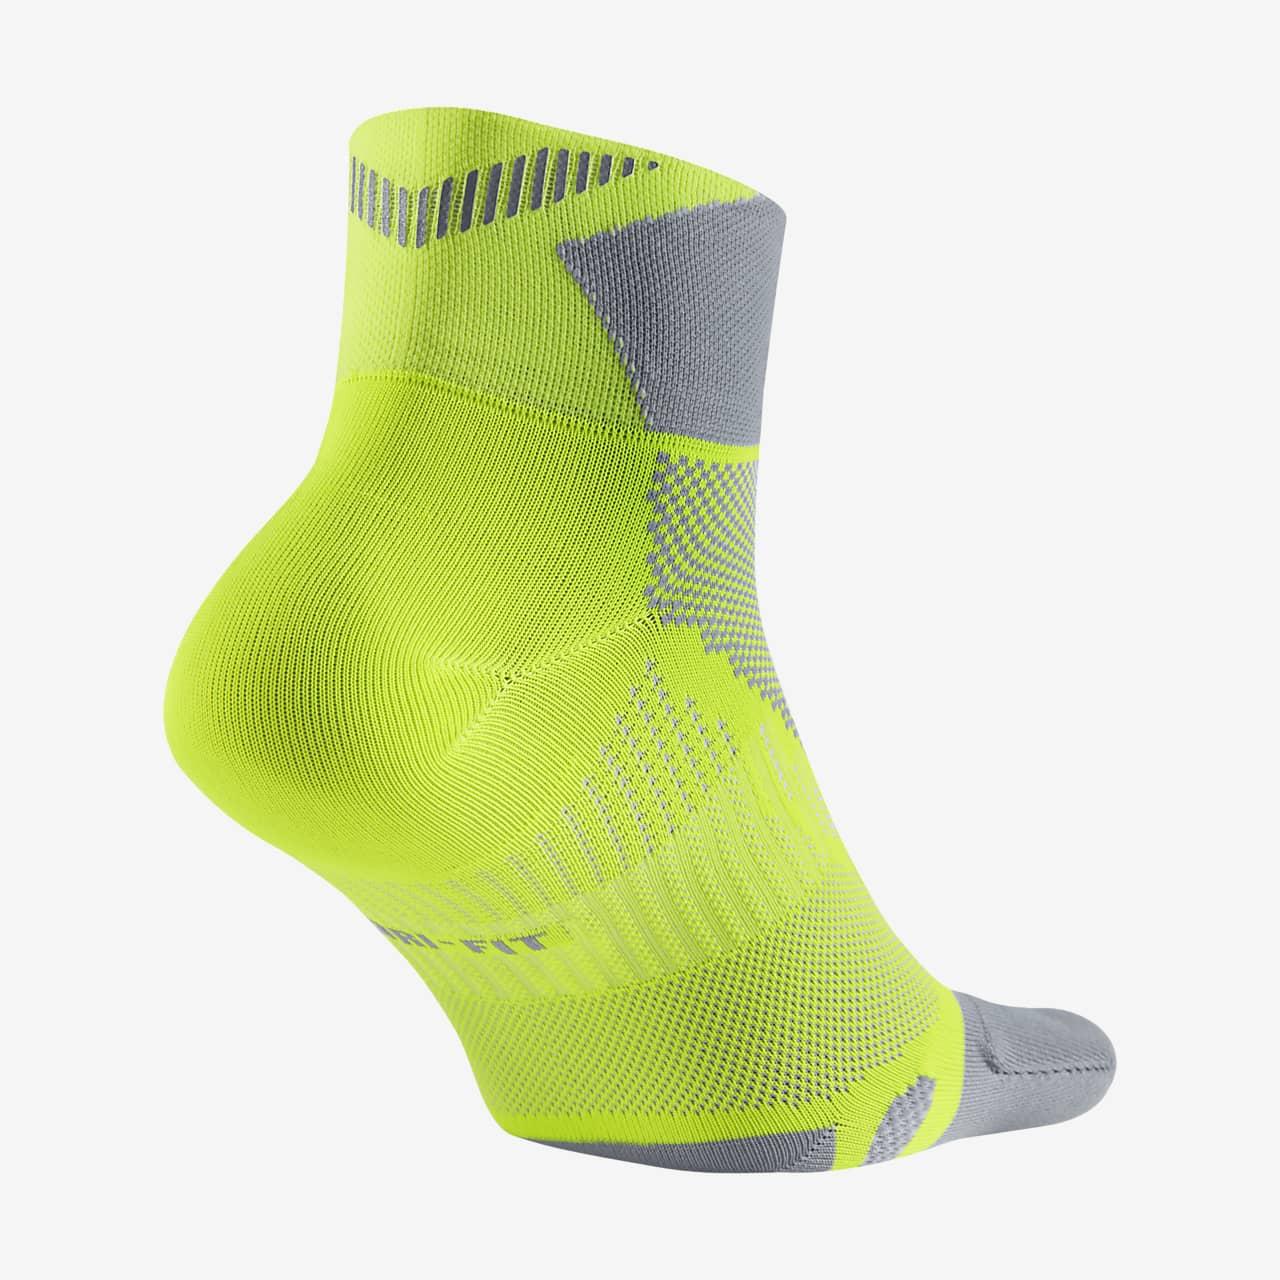 Calcetines para correr Nike Elite Lightweight Quarter